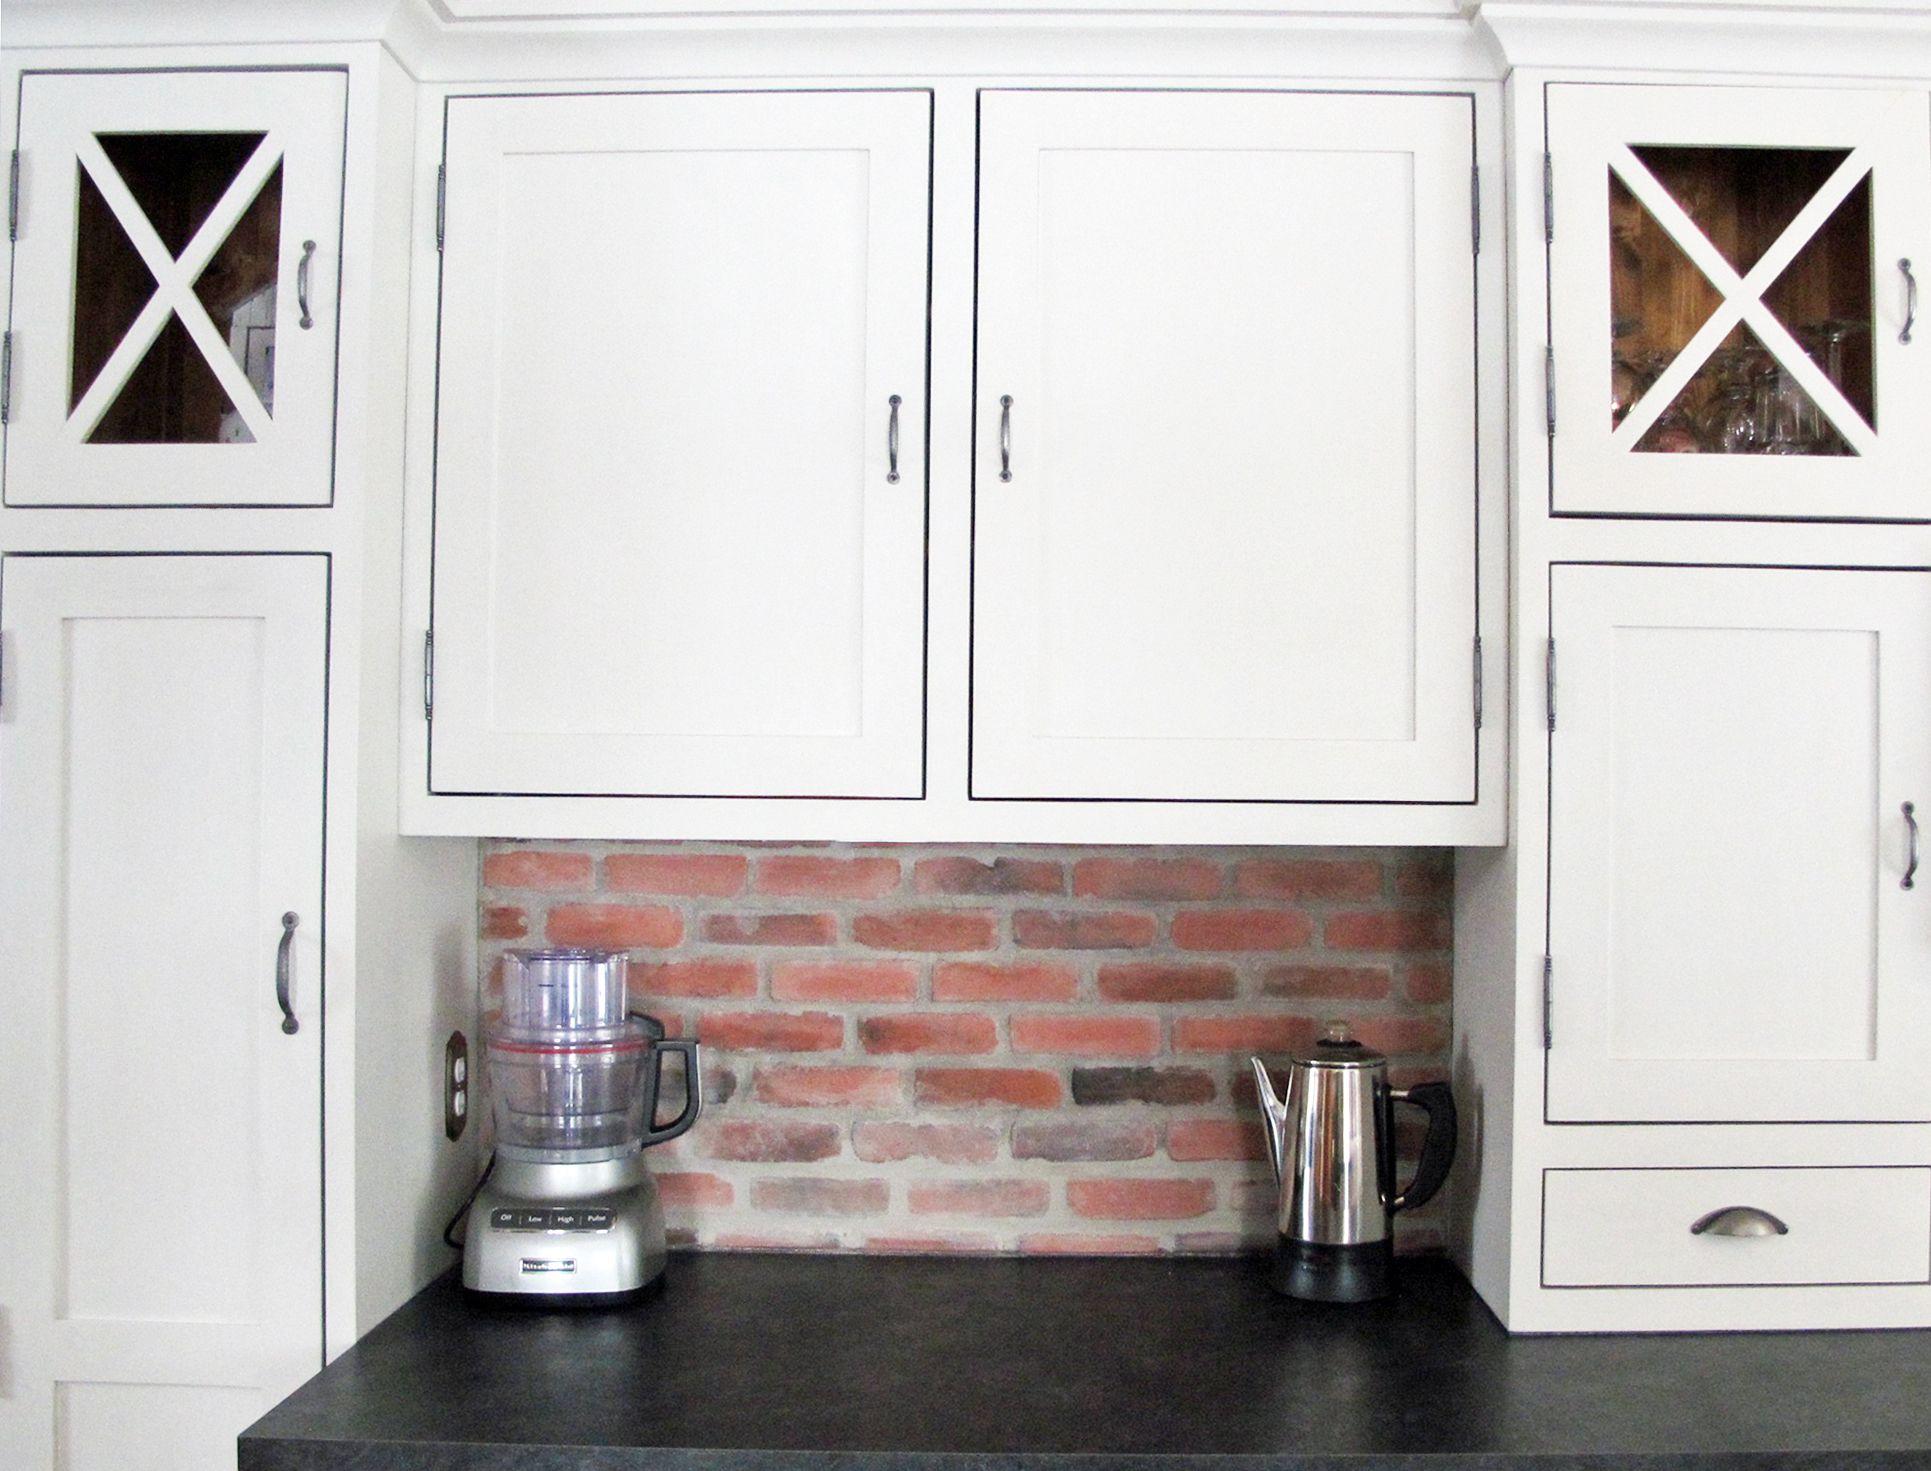 armoires de cuisine ilot et garde manger finition ancienne antique. Black Bedroom Furniture Sets. Home Design Ideas